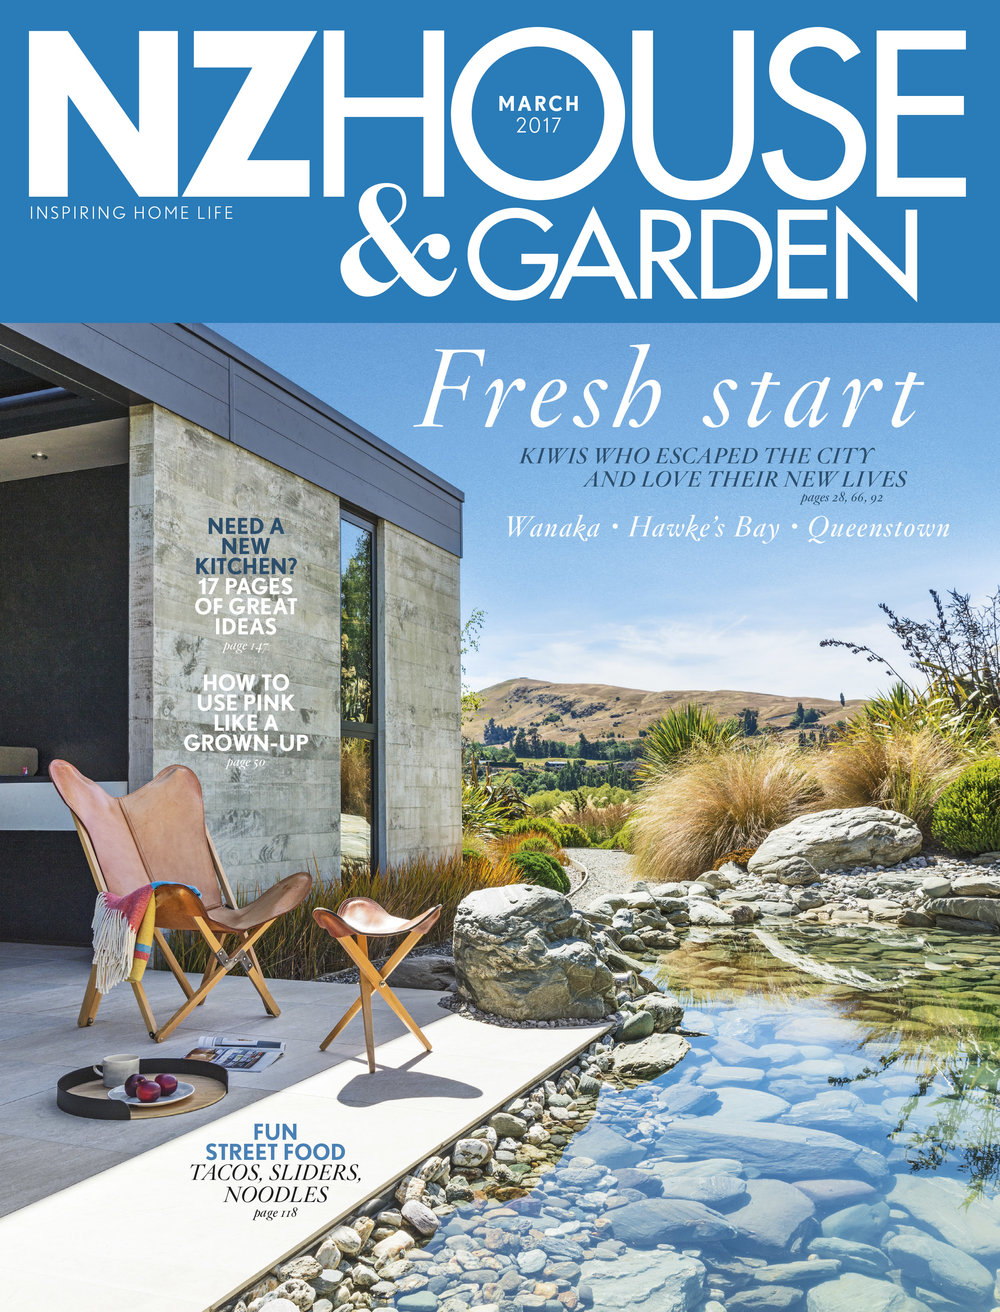 NZ House & Garden